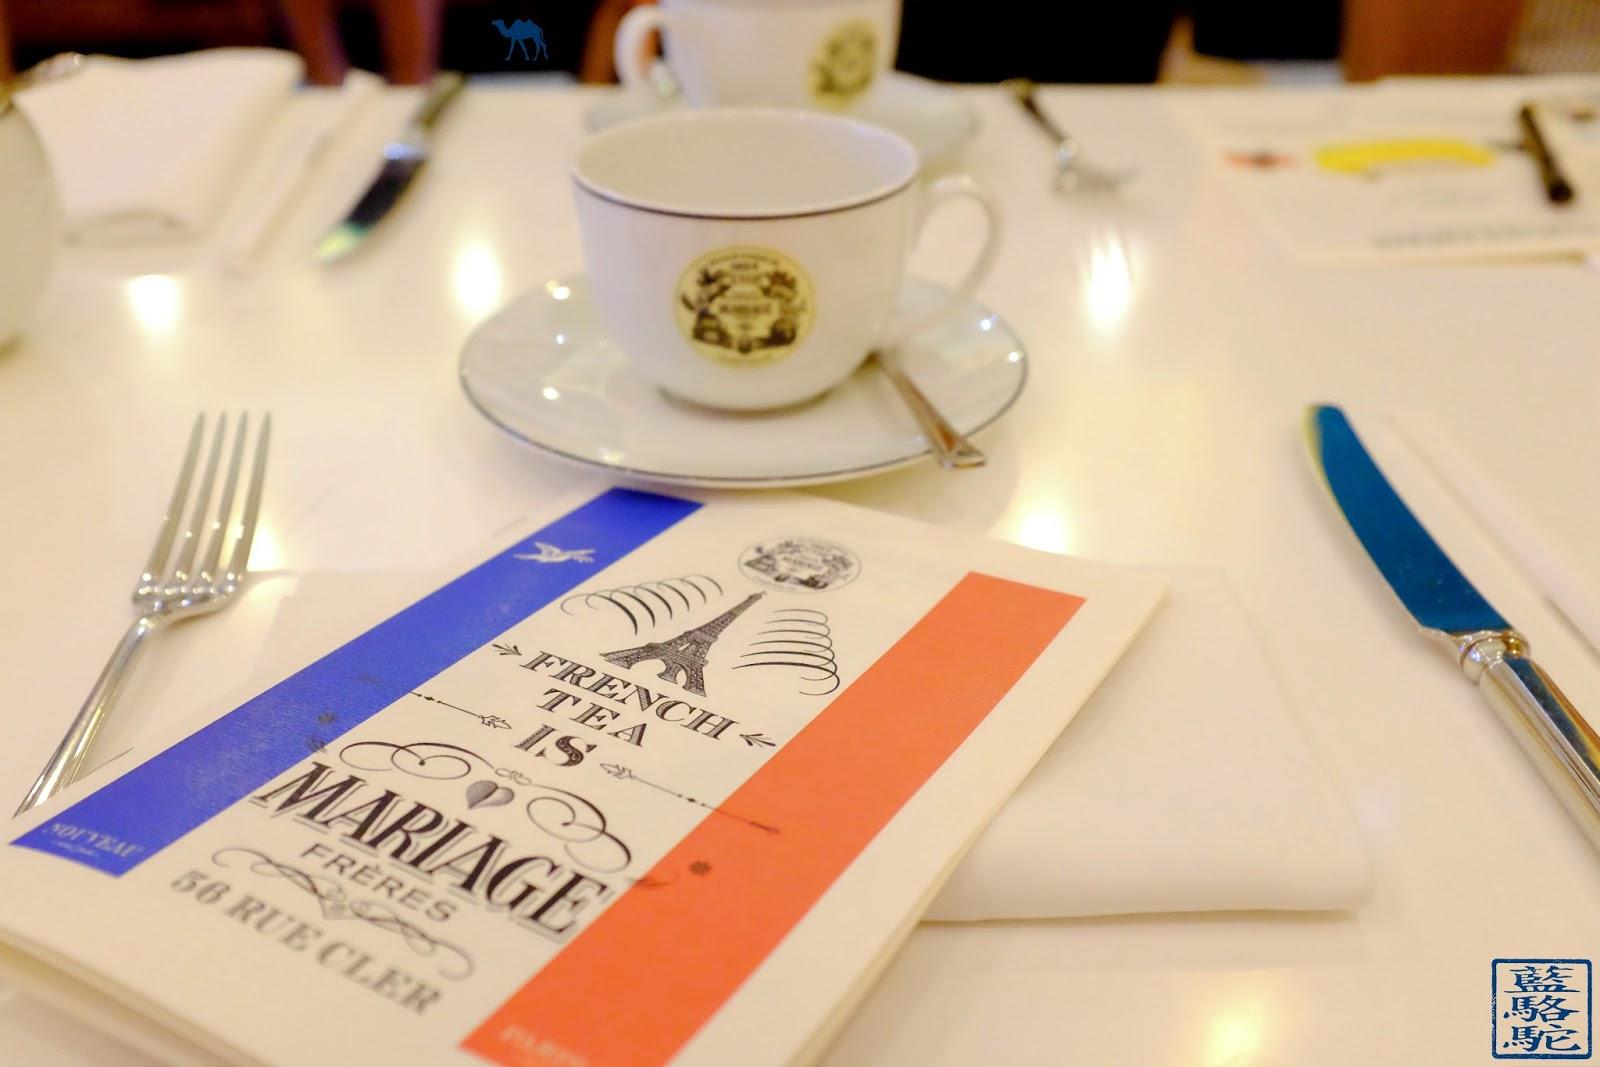 Le Chameau Bleu - Blog Voyage et Gastronomie - French Tea Is Mariage Frères